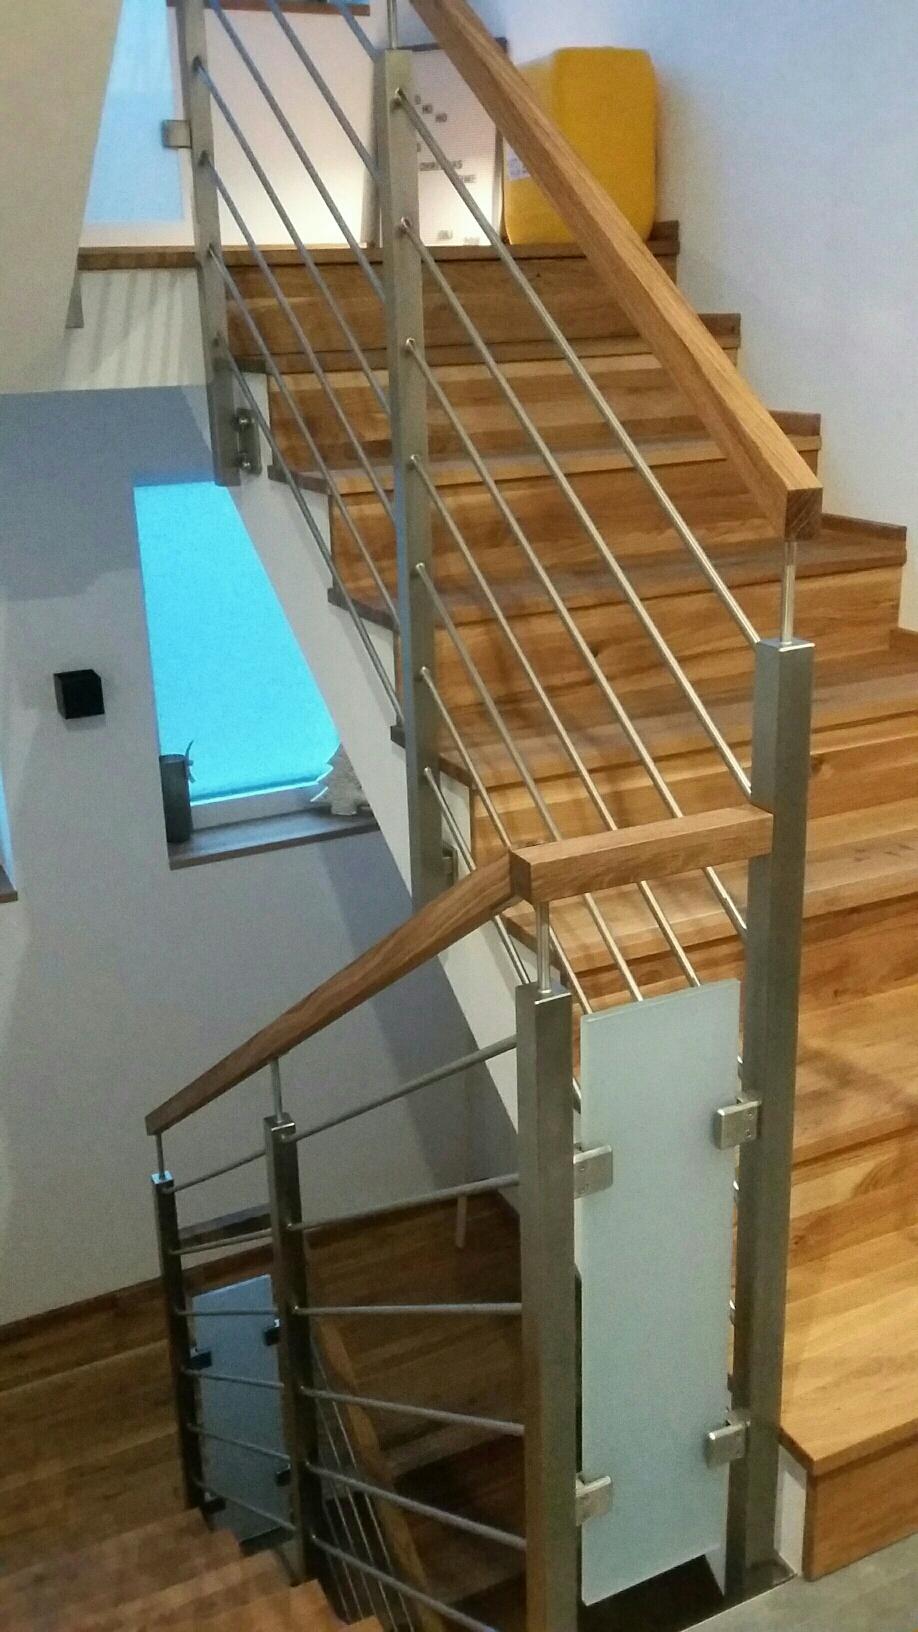 Geländer mit waagrechten Edelstahlstäben, Glaseinsatz und Holzhandlauf